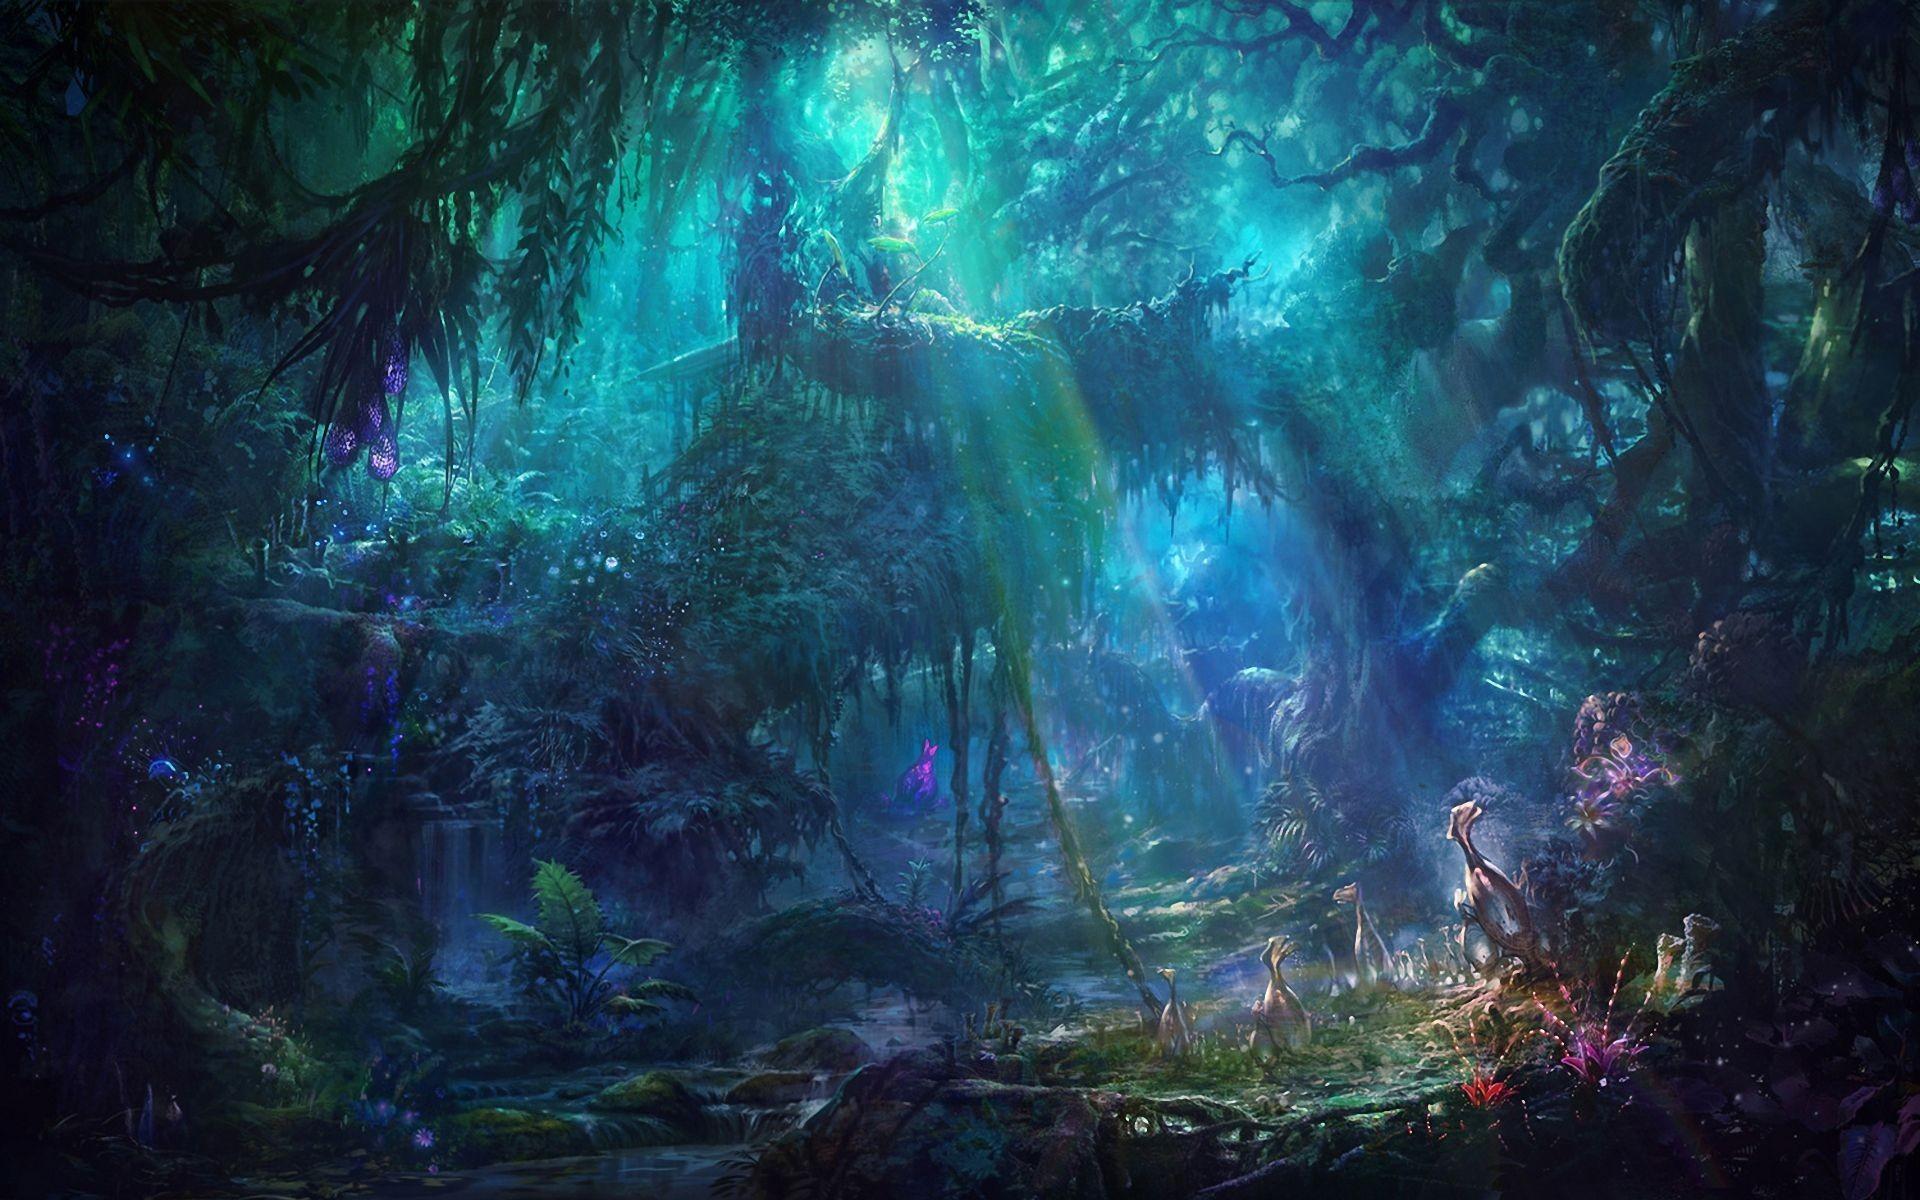 Fantasy Forest Landscape Free Wallpaper